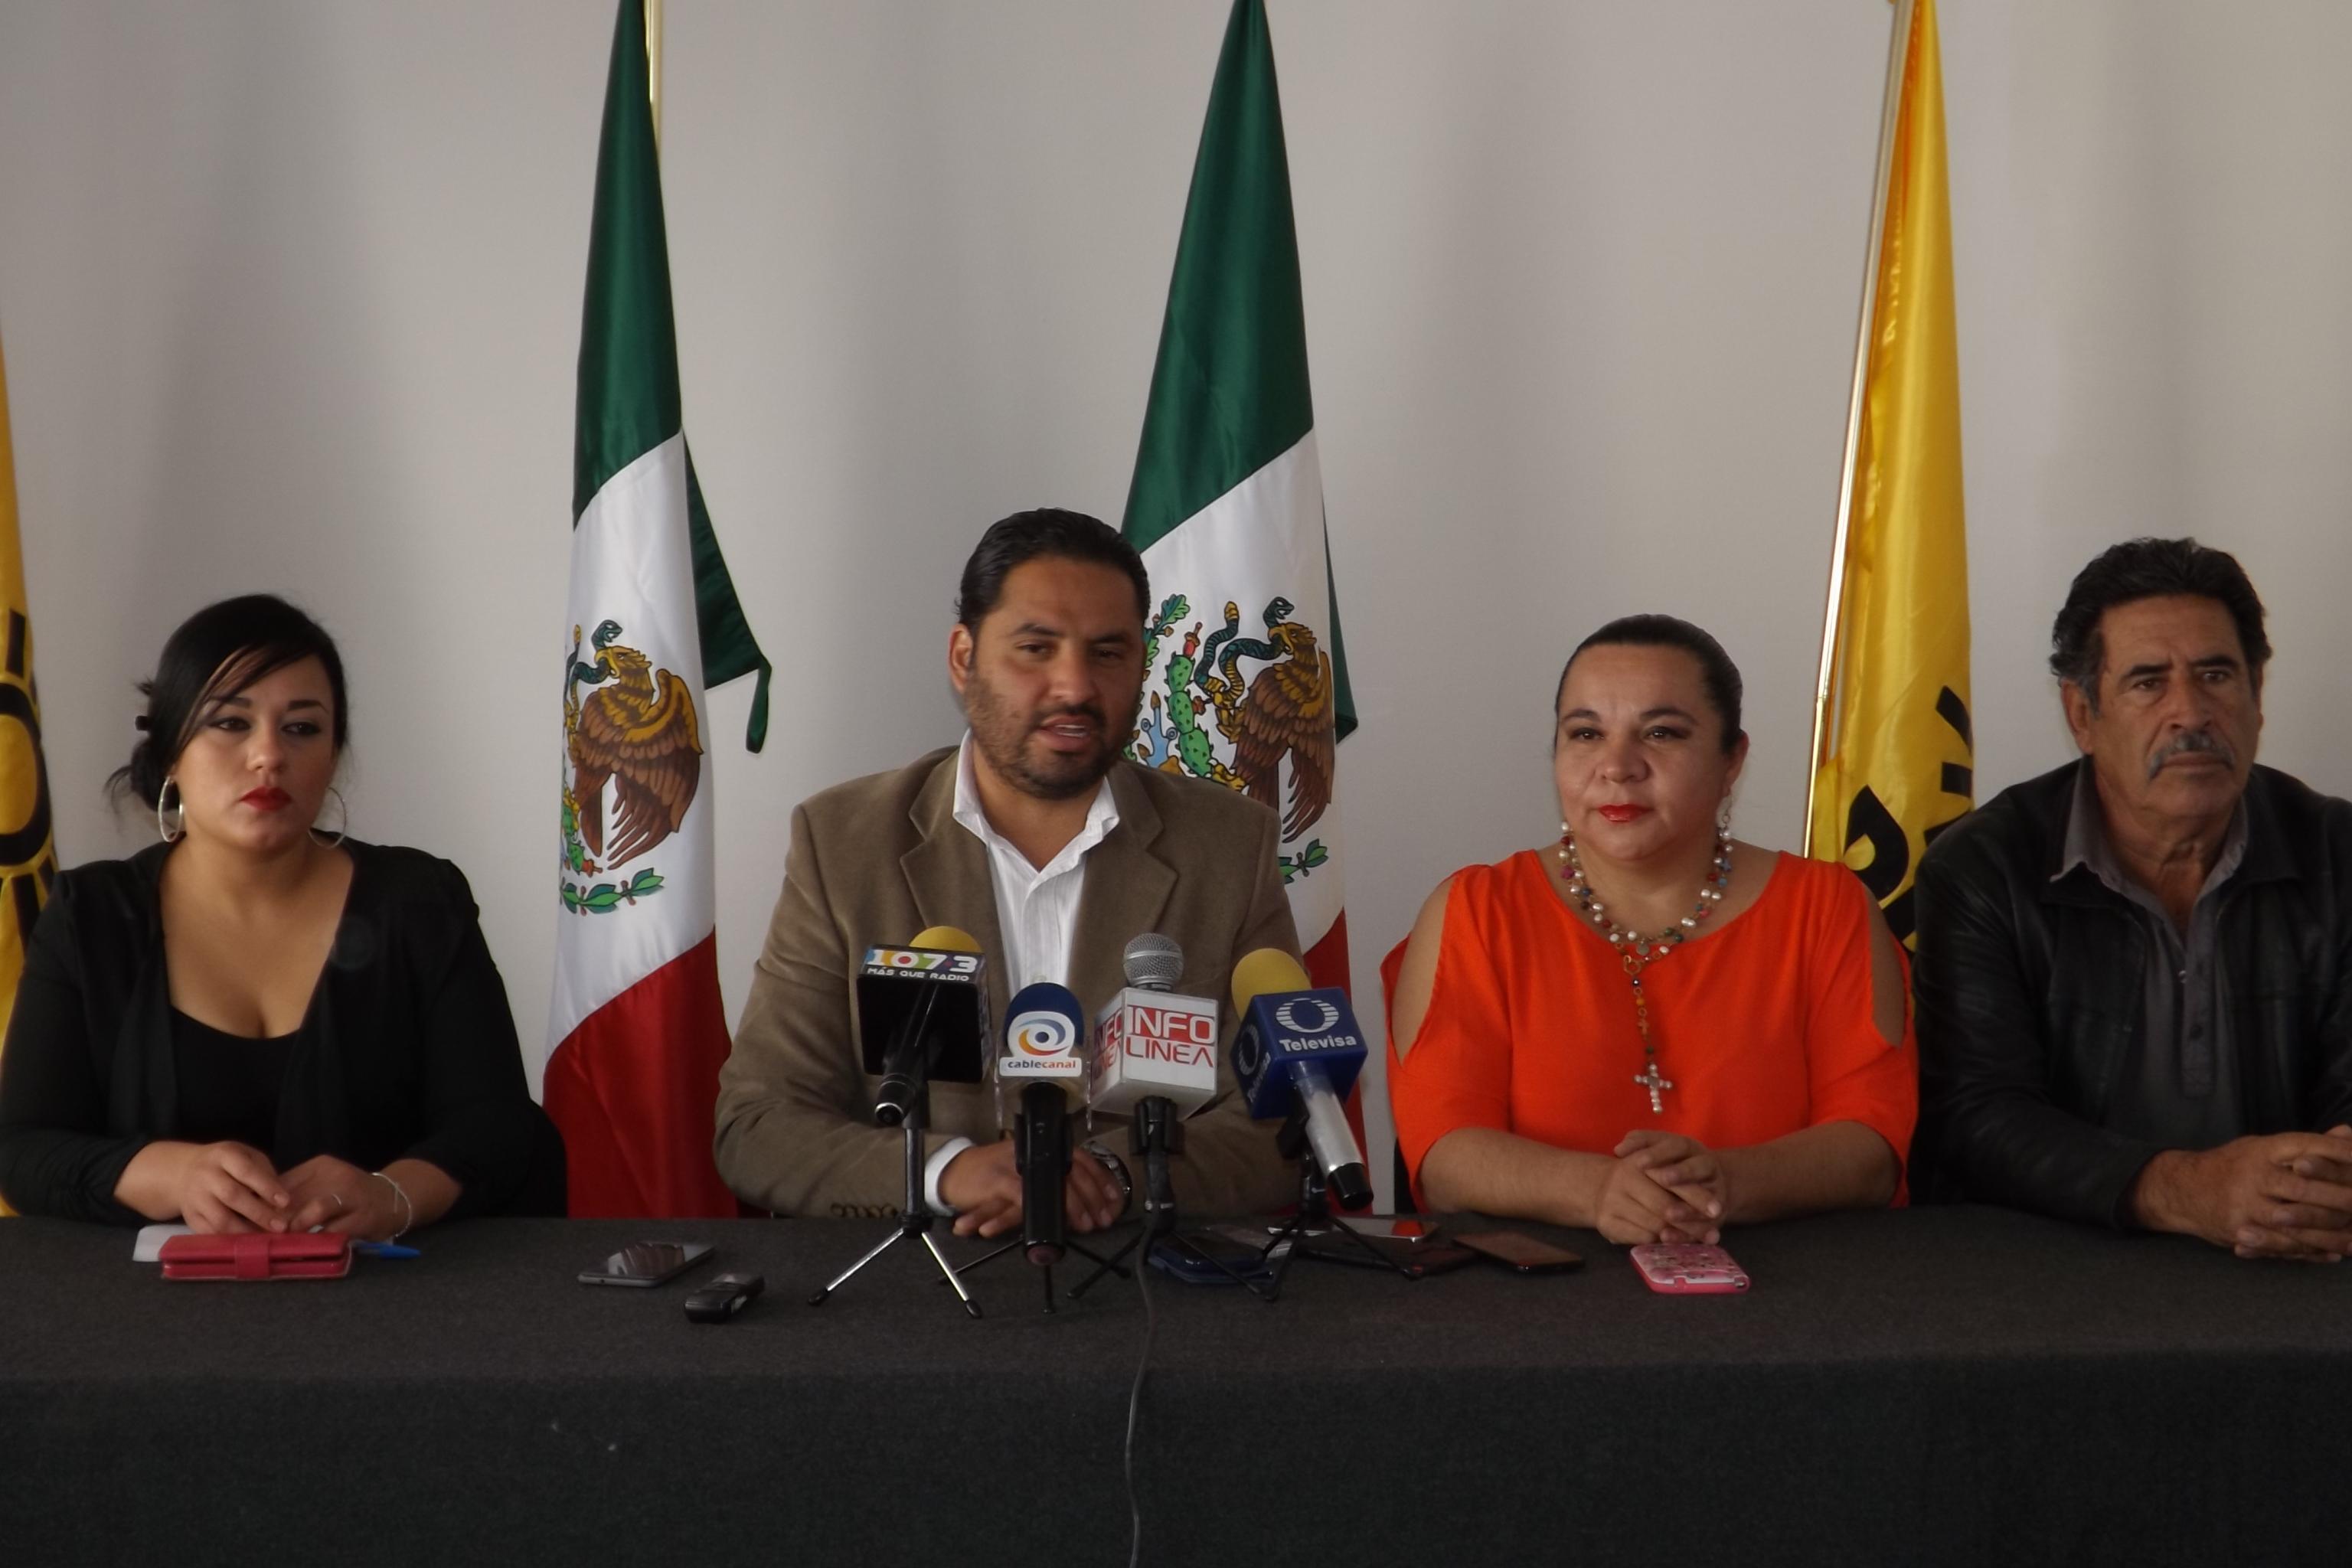 El proyecto del PRD en Aguascalientes va viento en popa: Sánchez Najera